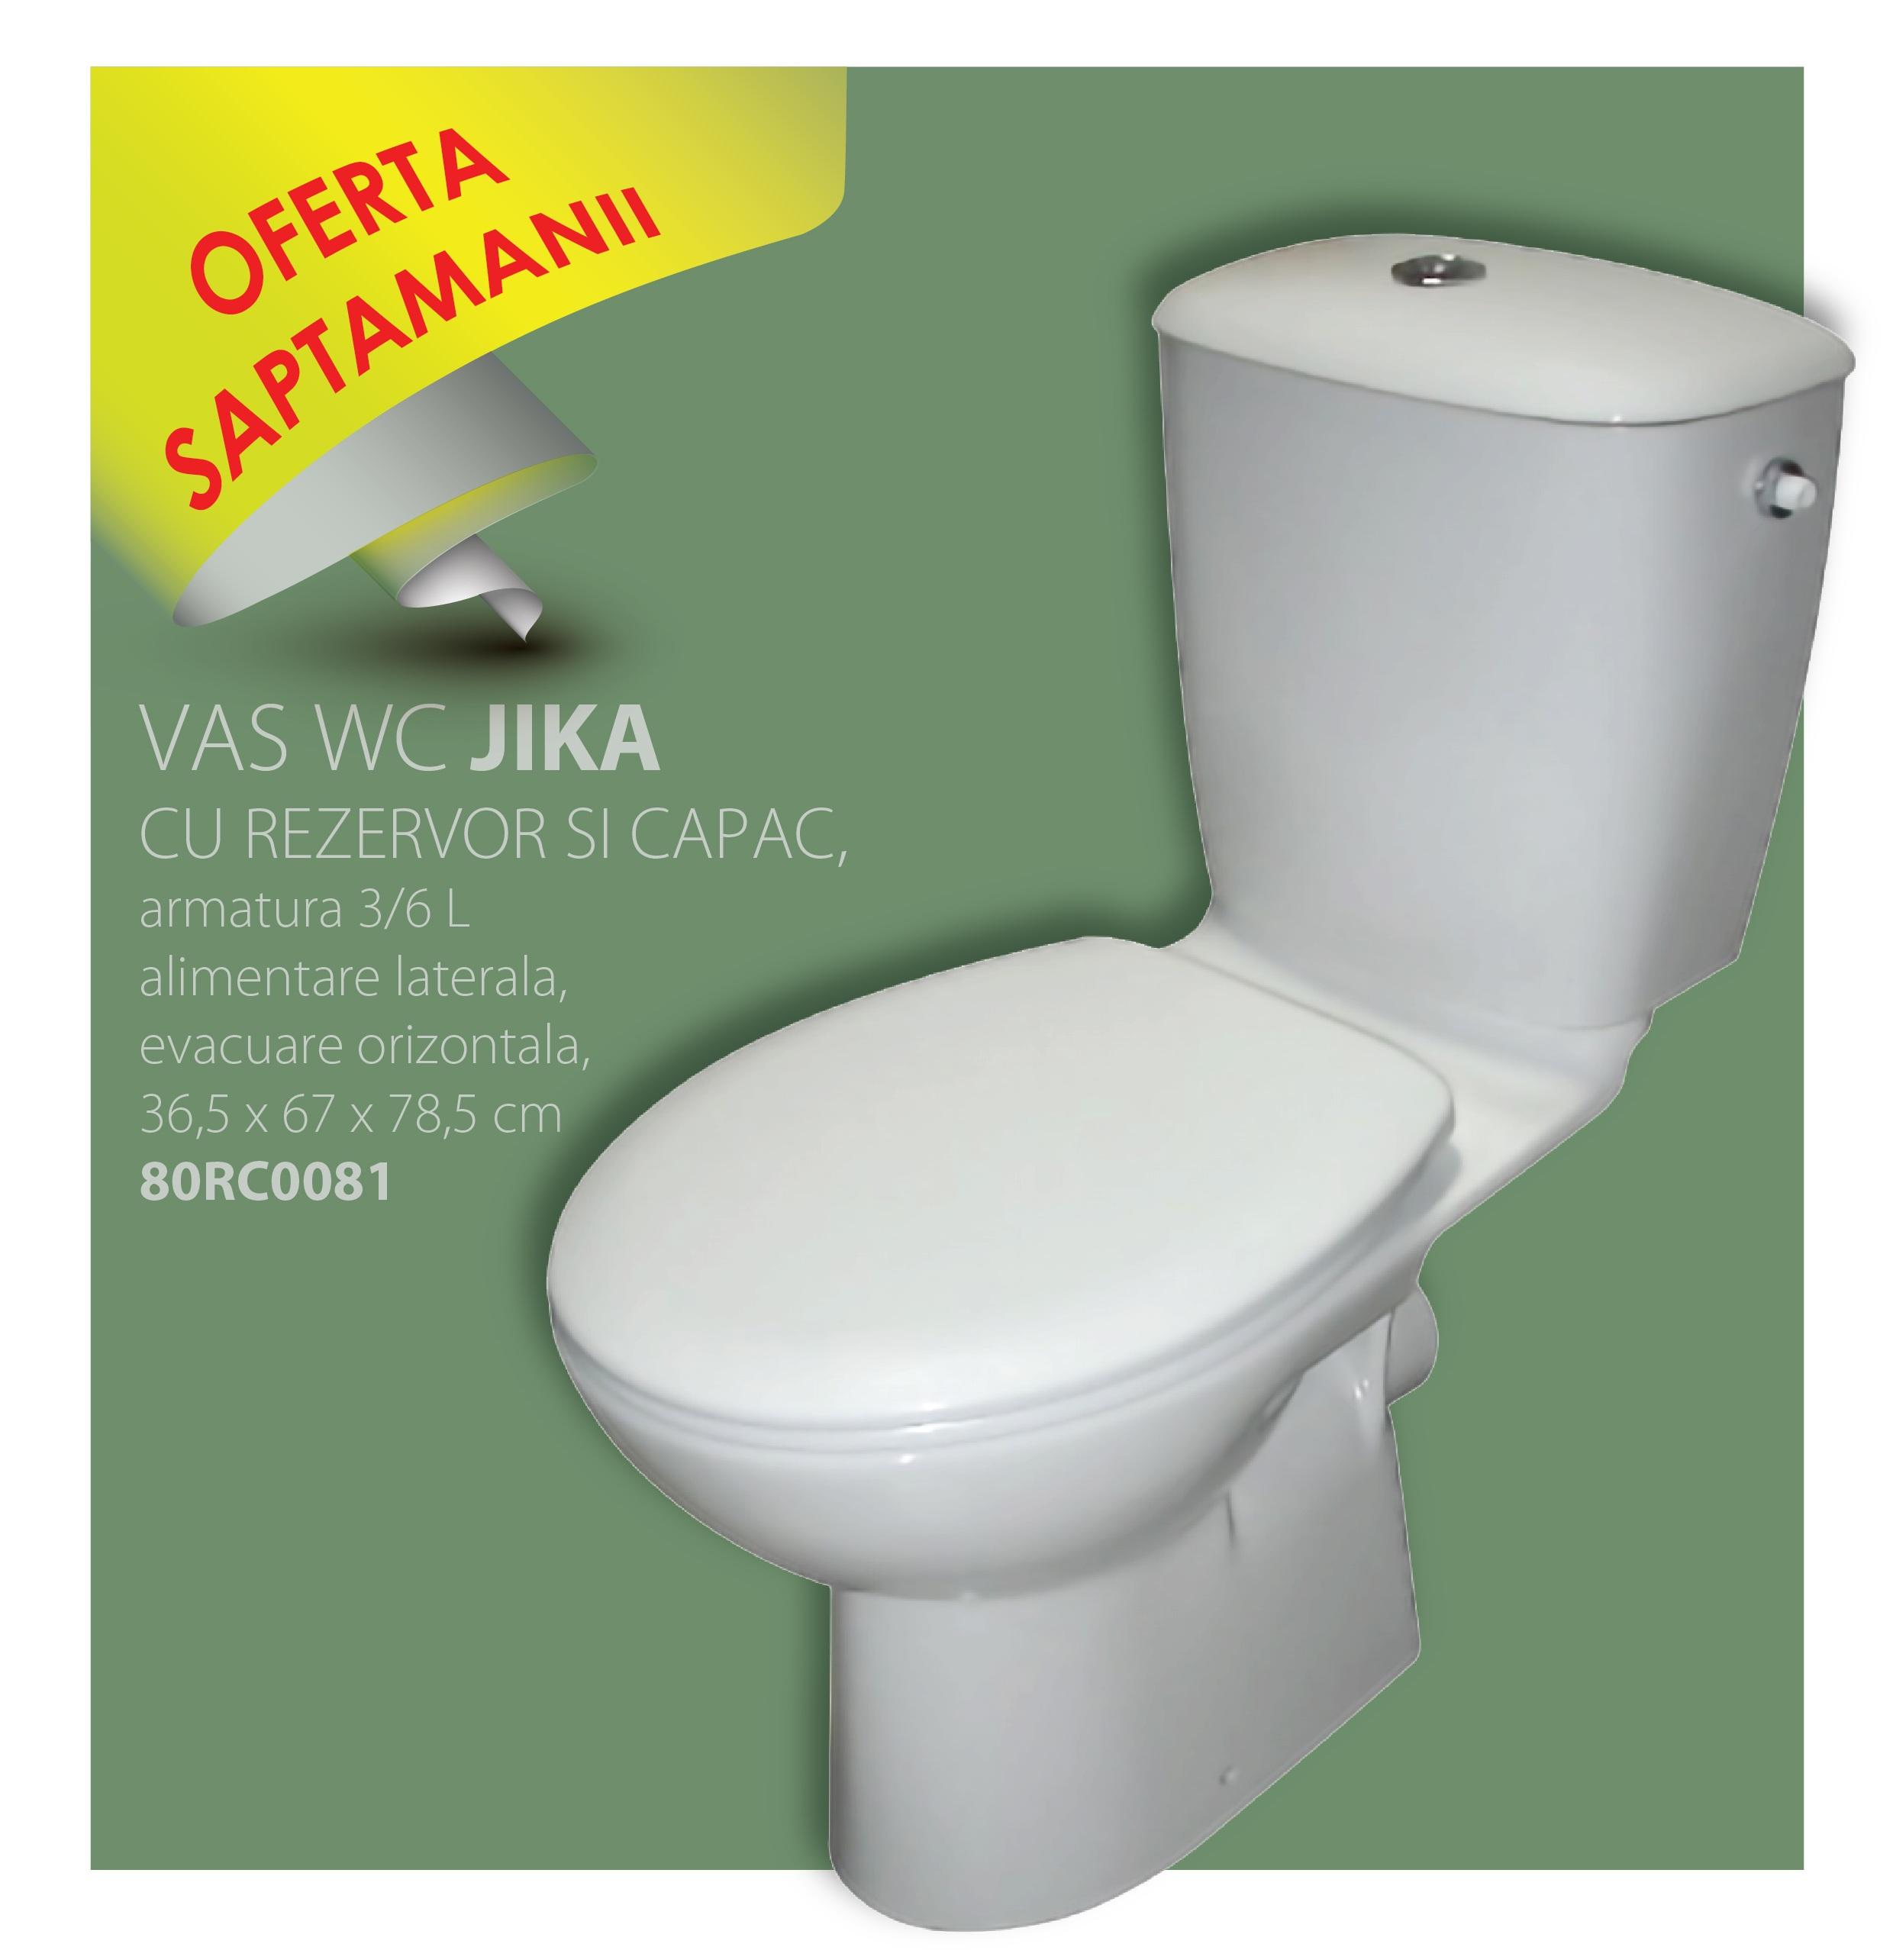 VAS WC JIKA